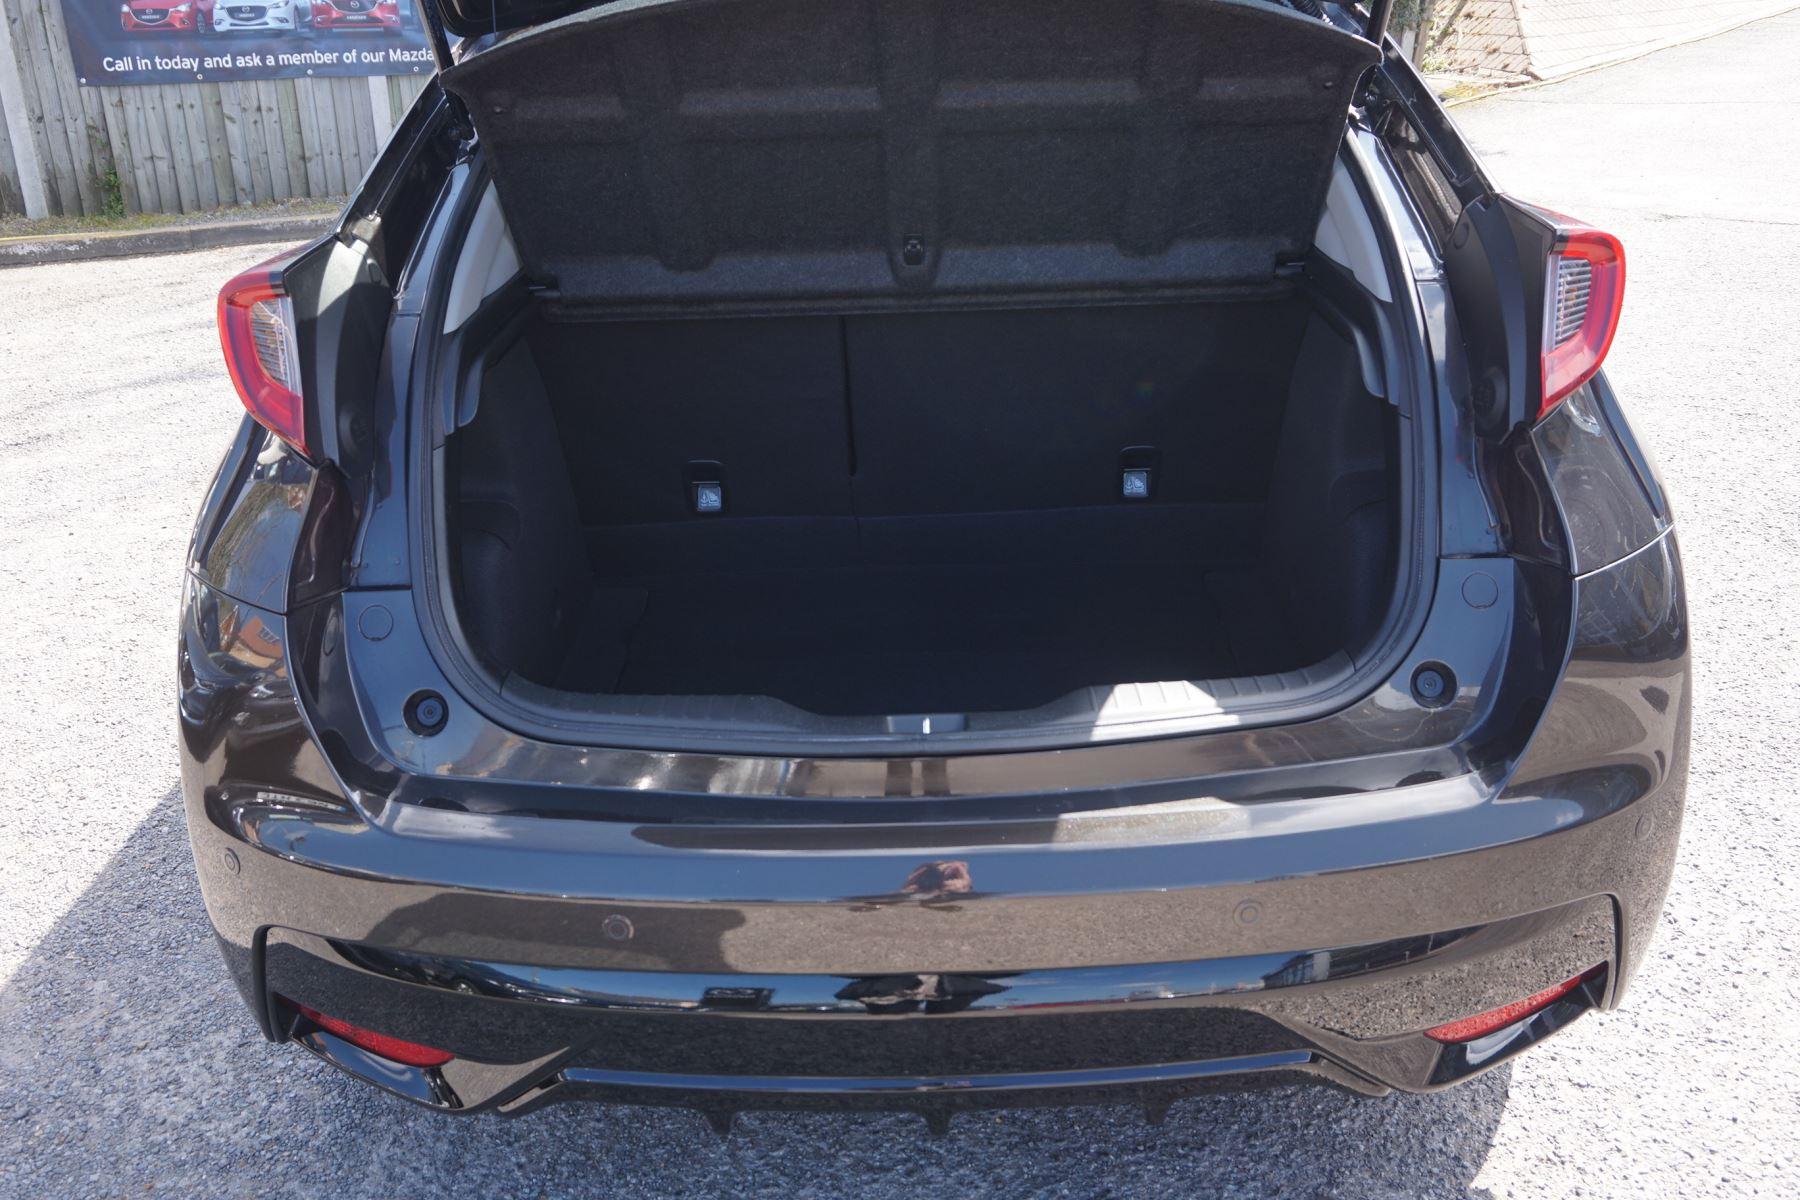 Honda Civic 1.6 i-DTEC SR 5dr image 5